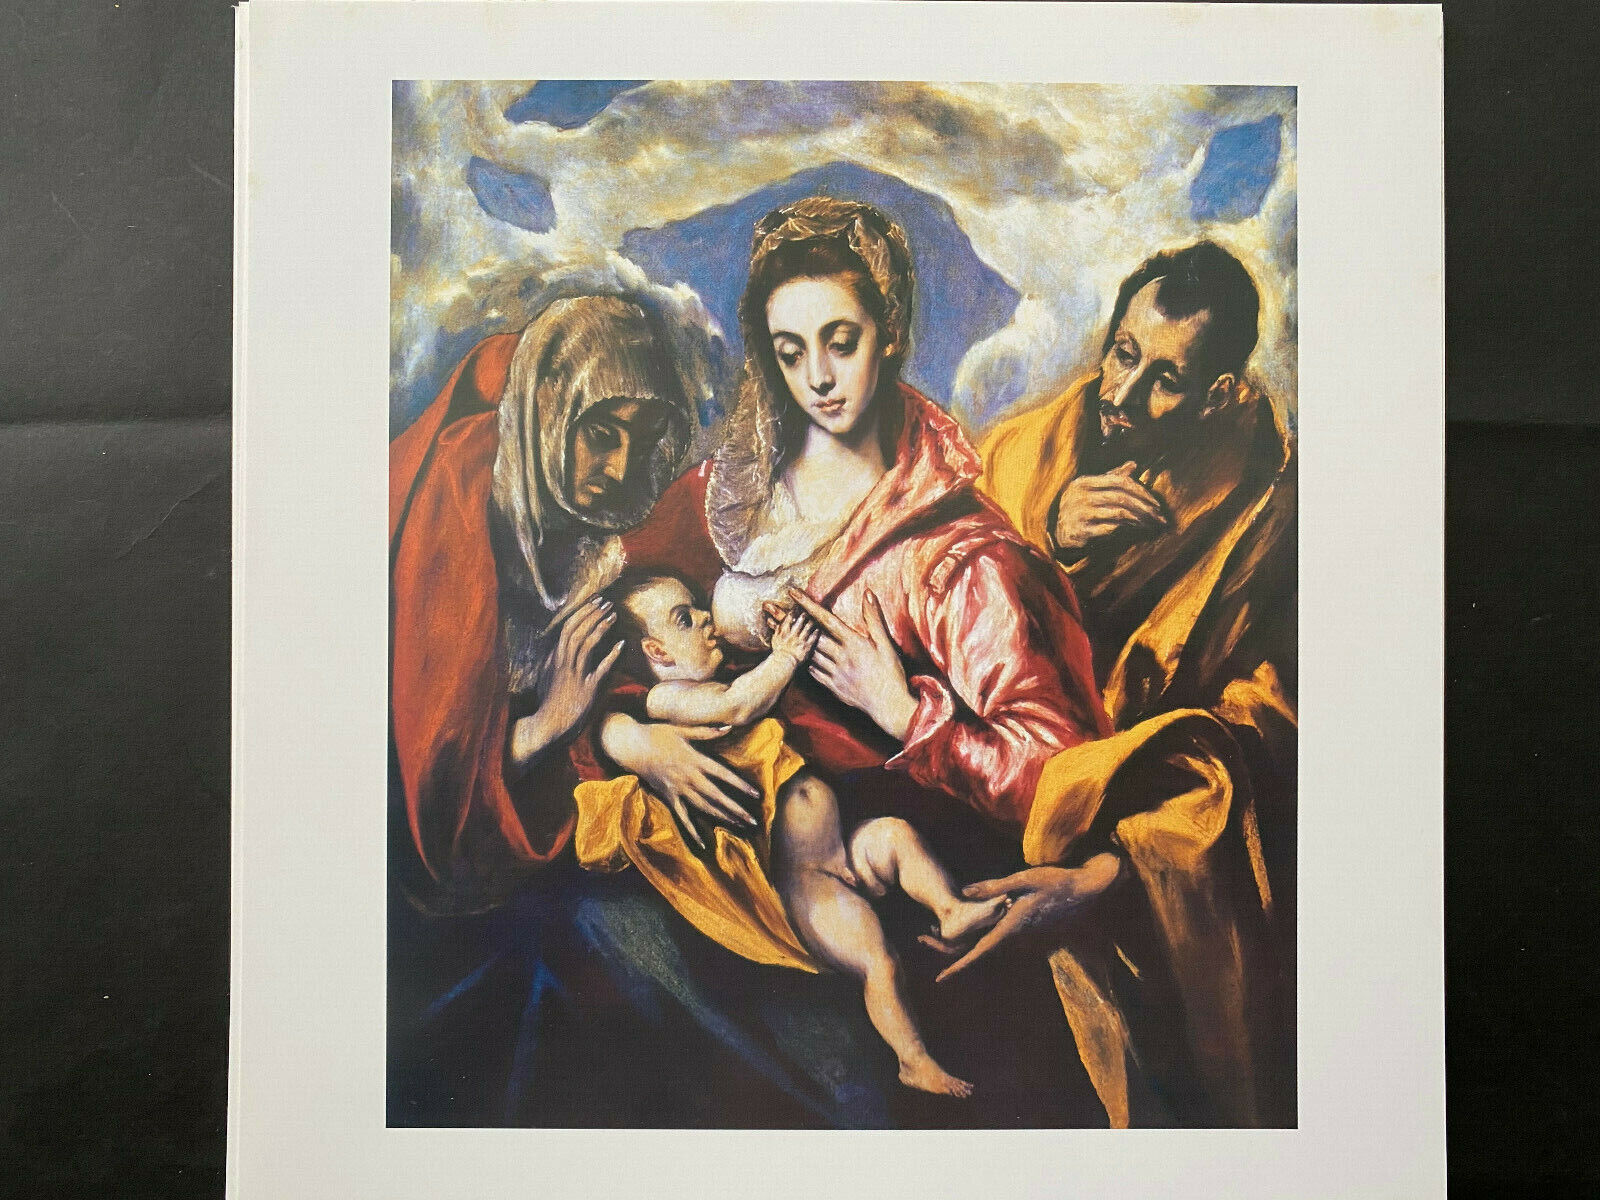 EL GRECO, SAGRADA FAMILIA, 2003, Arte Didactico, Size 10 X 10 , Reverso-datos - $2.99